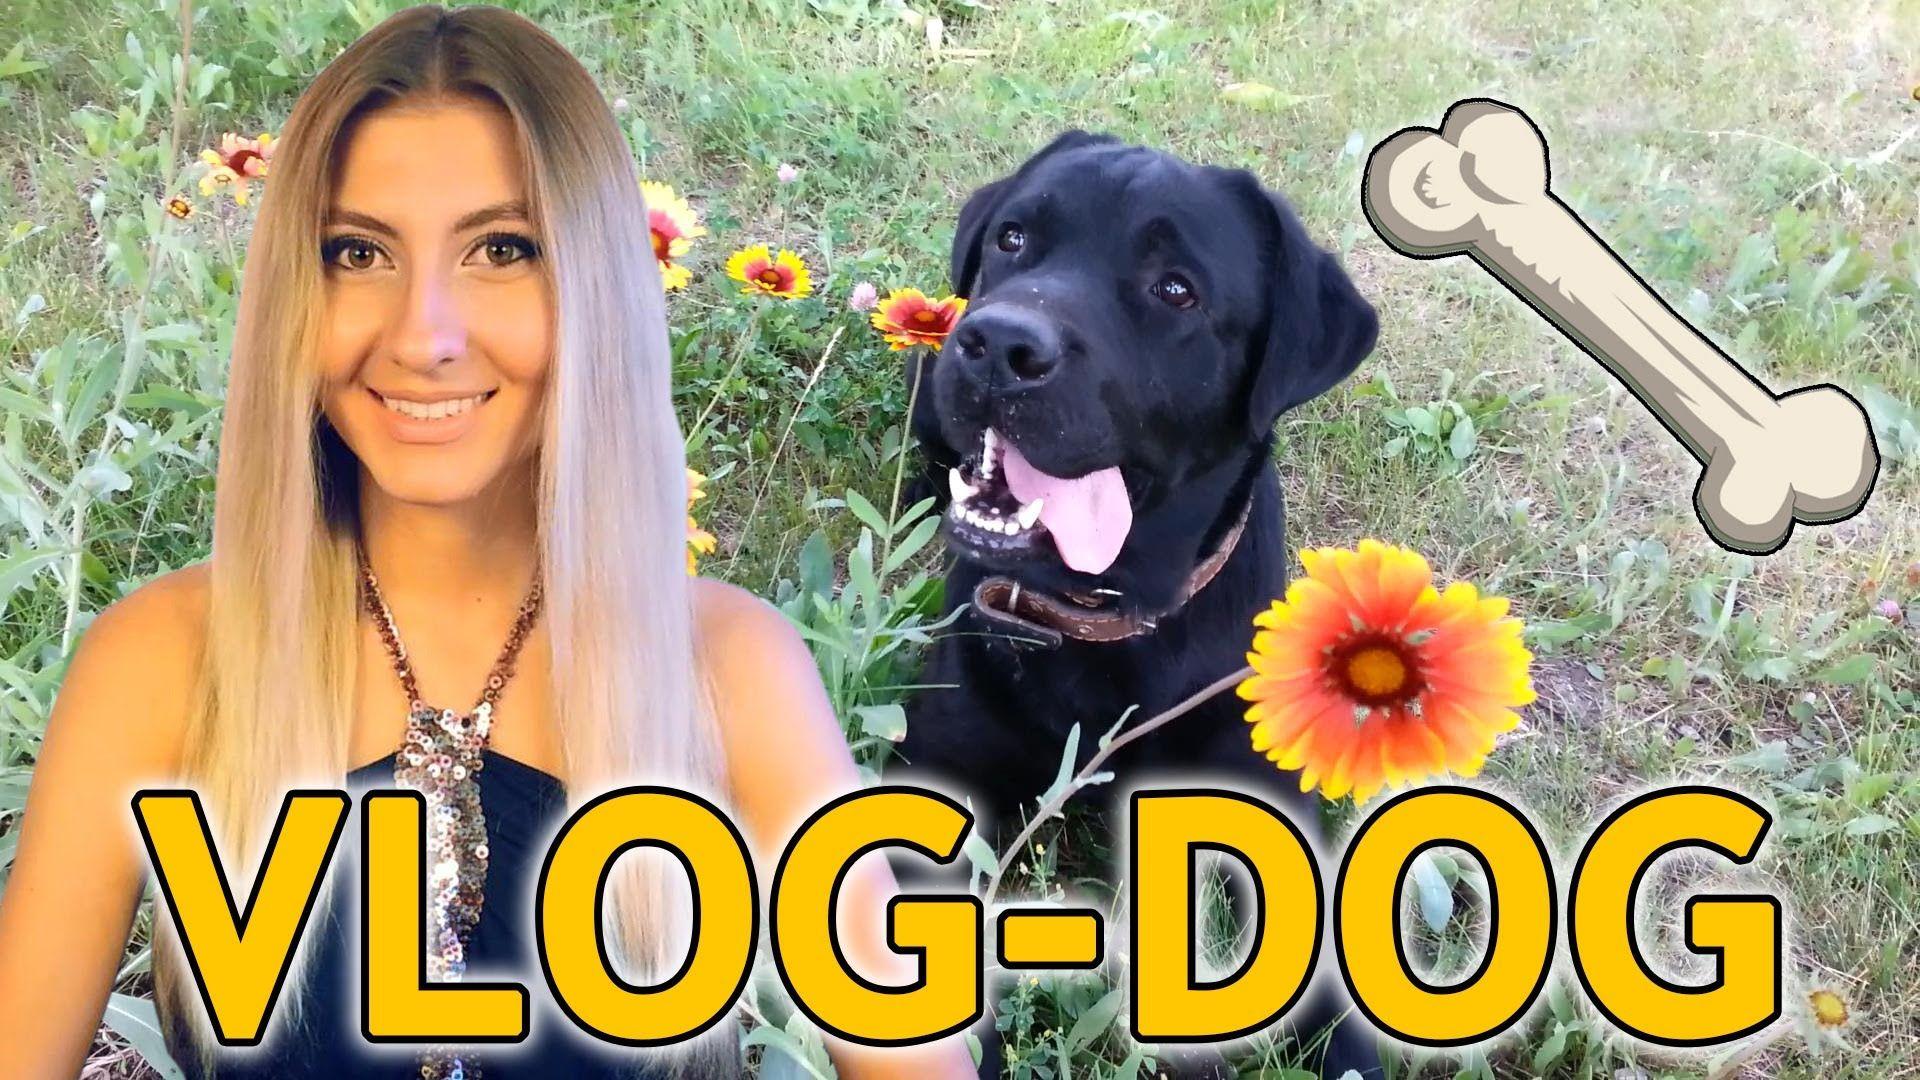 Едем за собакой | ПОПЫТКА №2 - Лабрадор ❤ VLOG #5